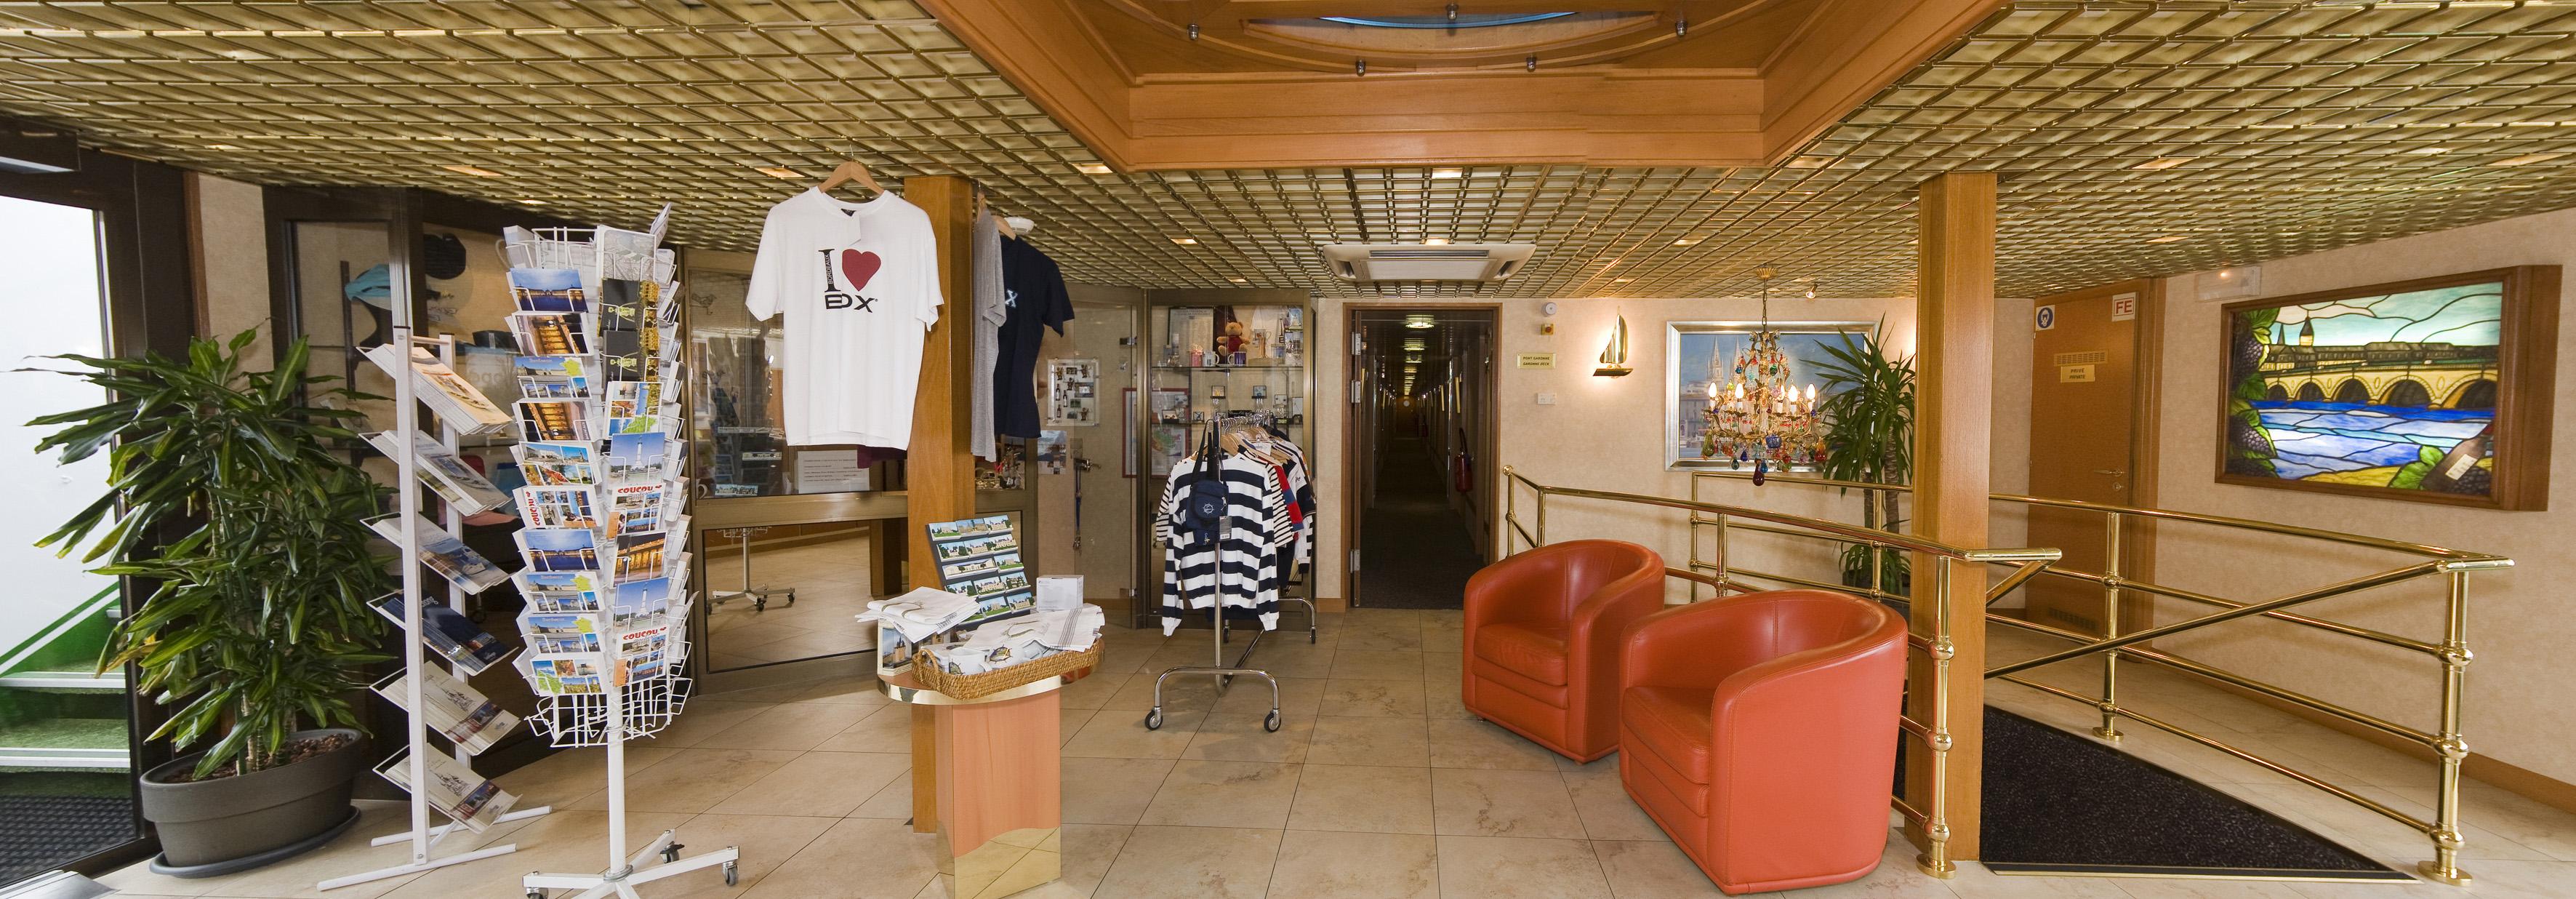 CroisiEurope MS Princesse d'Aquitaine Interior Boutique.jpg